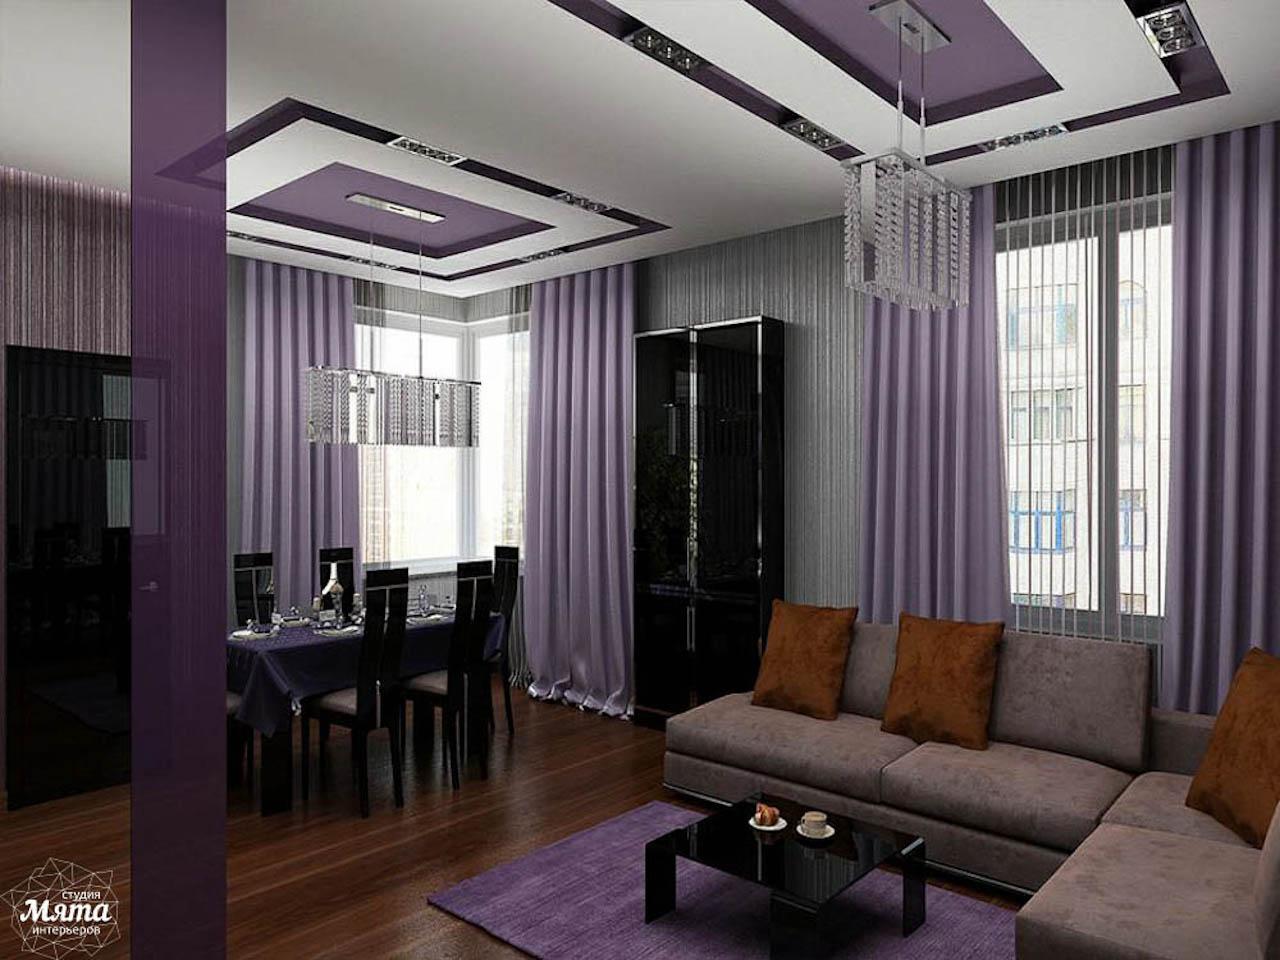 Дизайн интерьера трехкомнатной квартиры по ул. Николая Никонова 4 img737686736